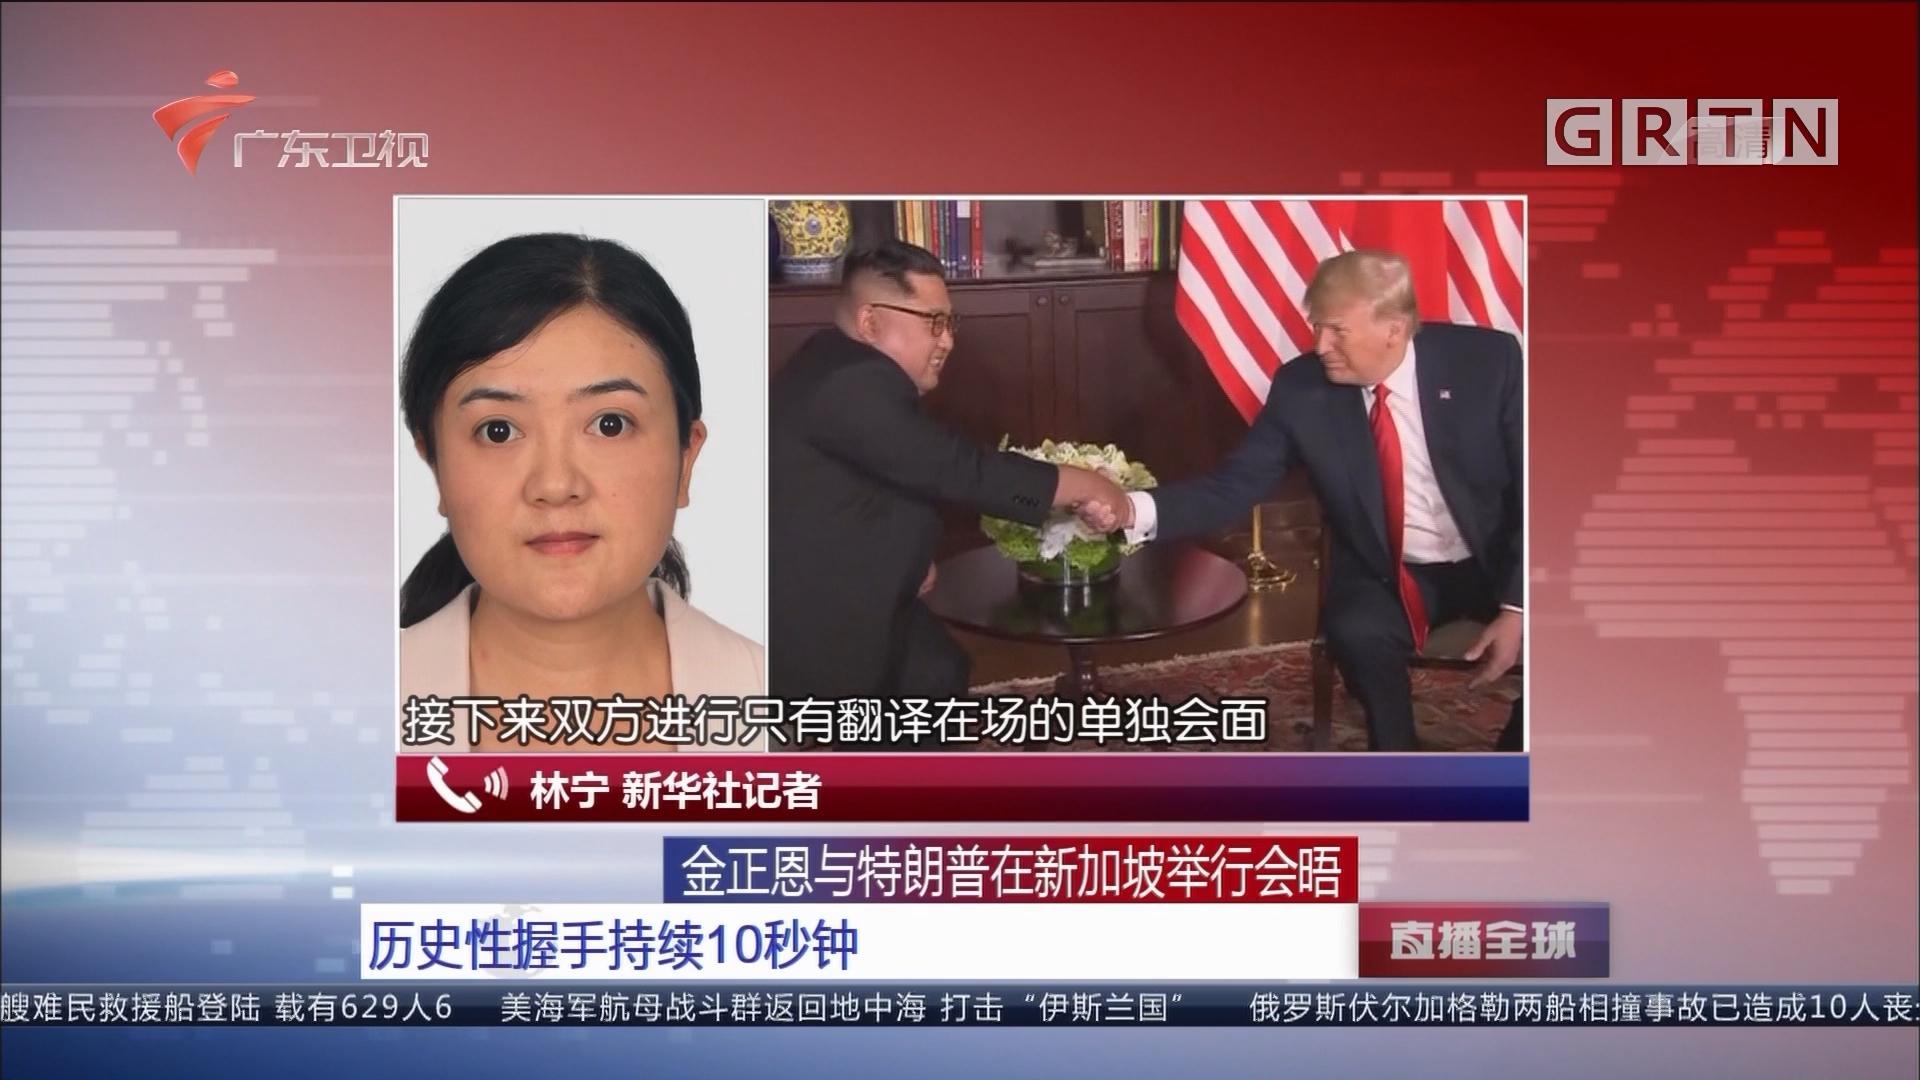 金正恩与特朗普在新加坡举行会晤 历史性握手持续10秒钟